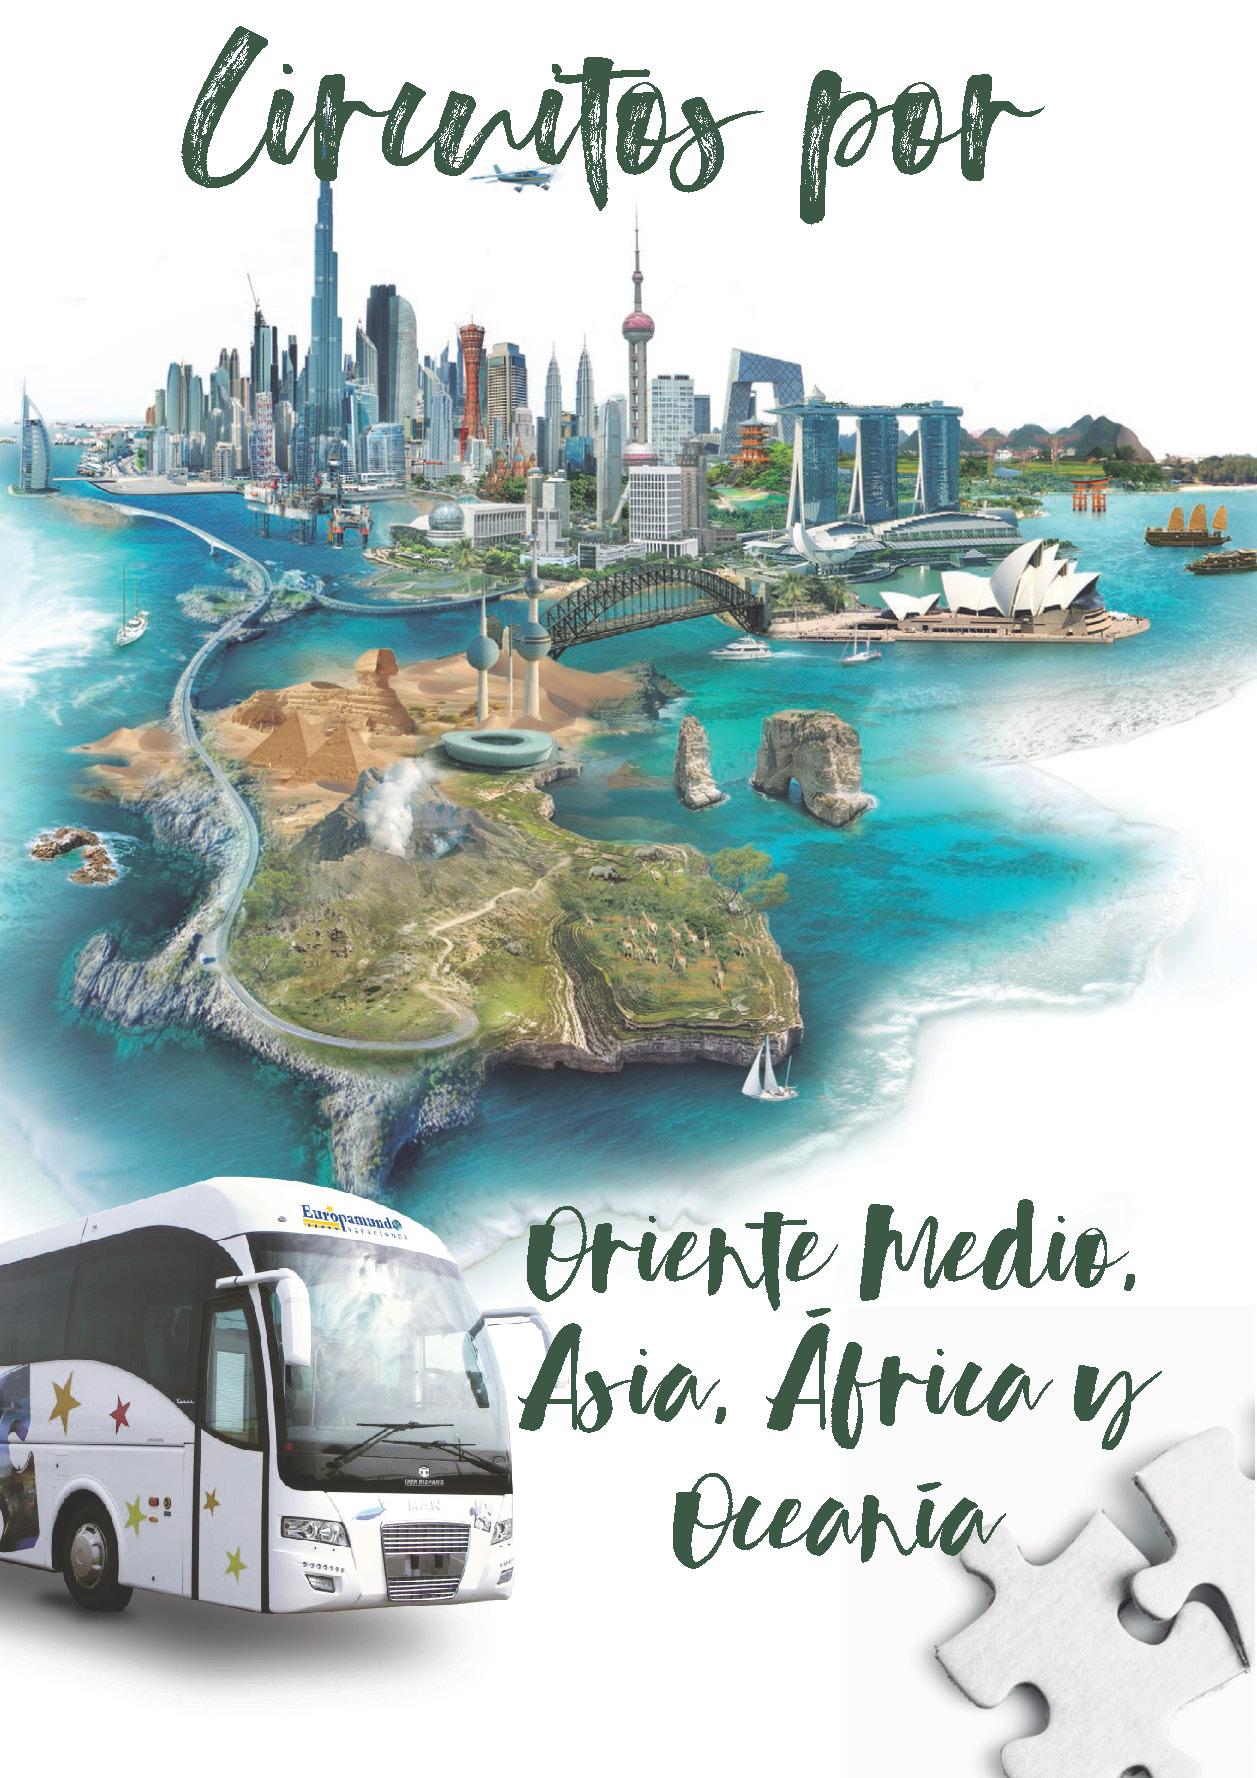 Catalogo Europamundo Vacaciones Oriente Medio Asia Africa Oceania 2018-2019